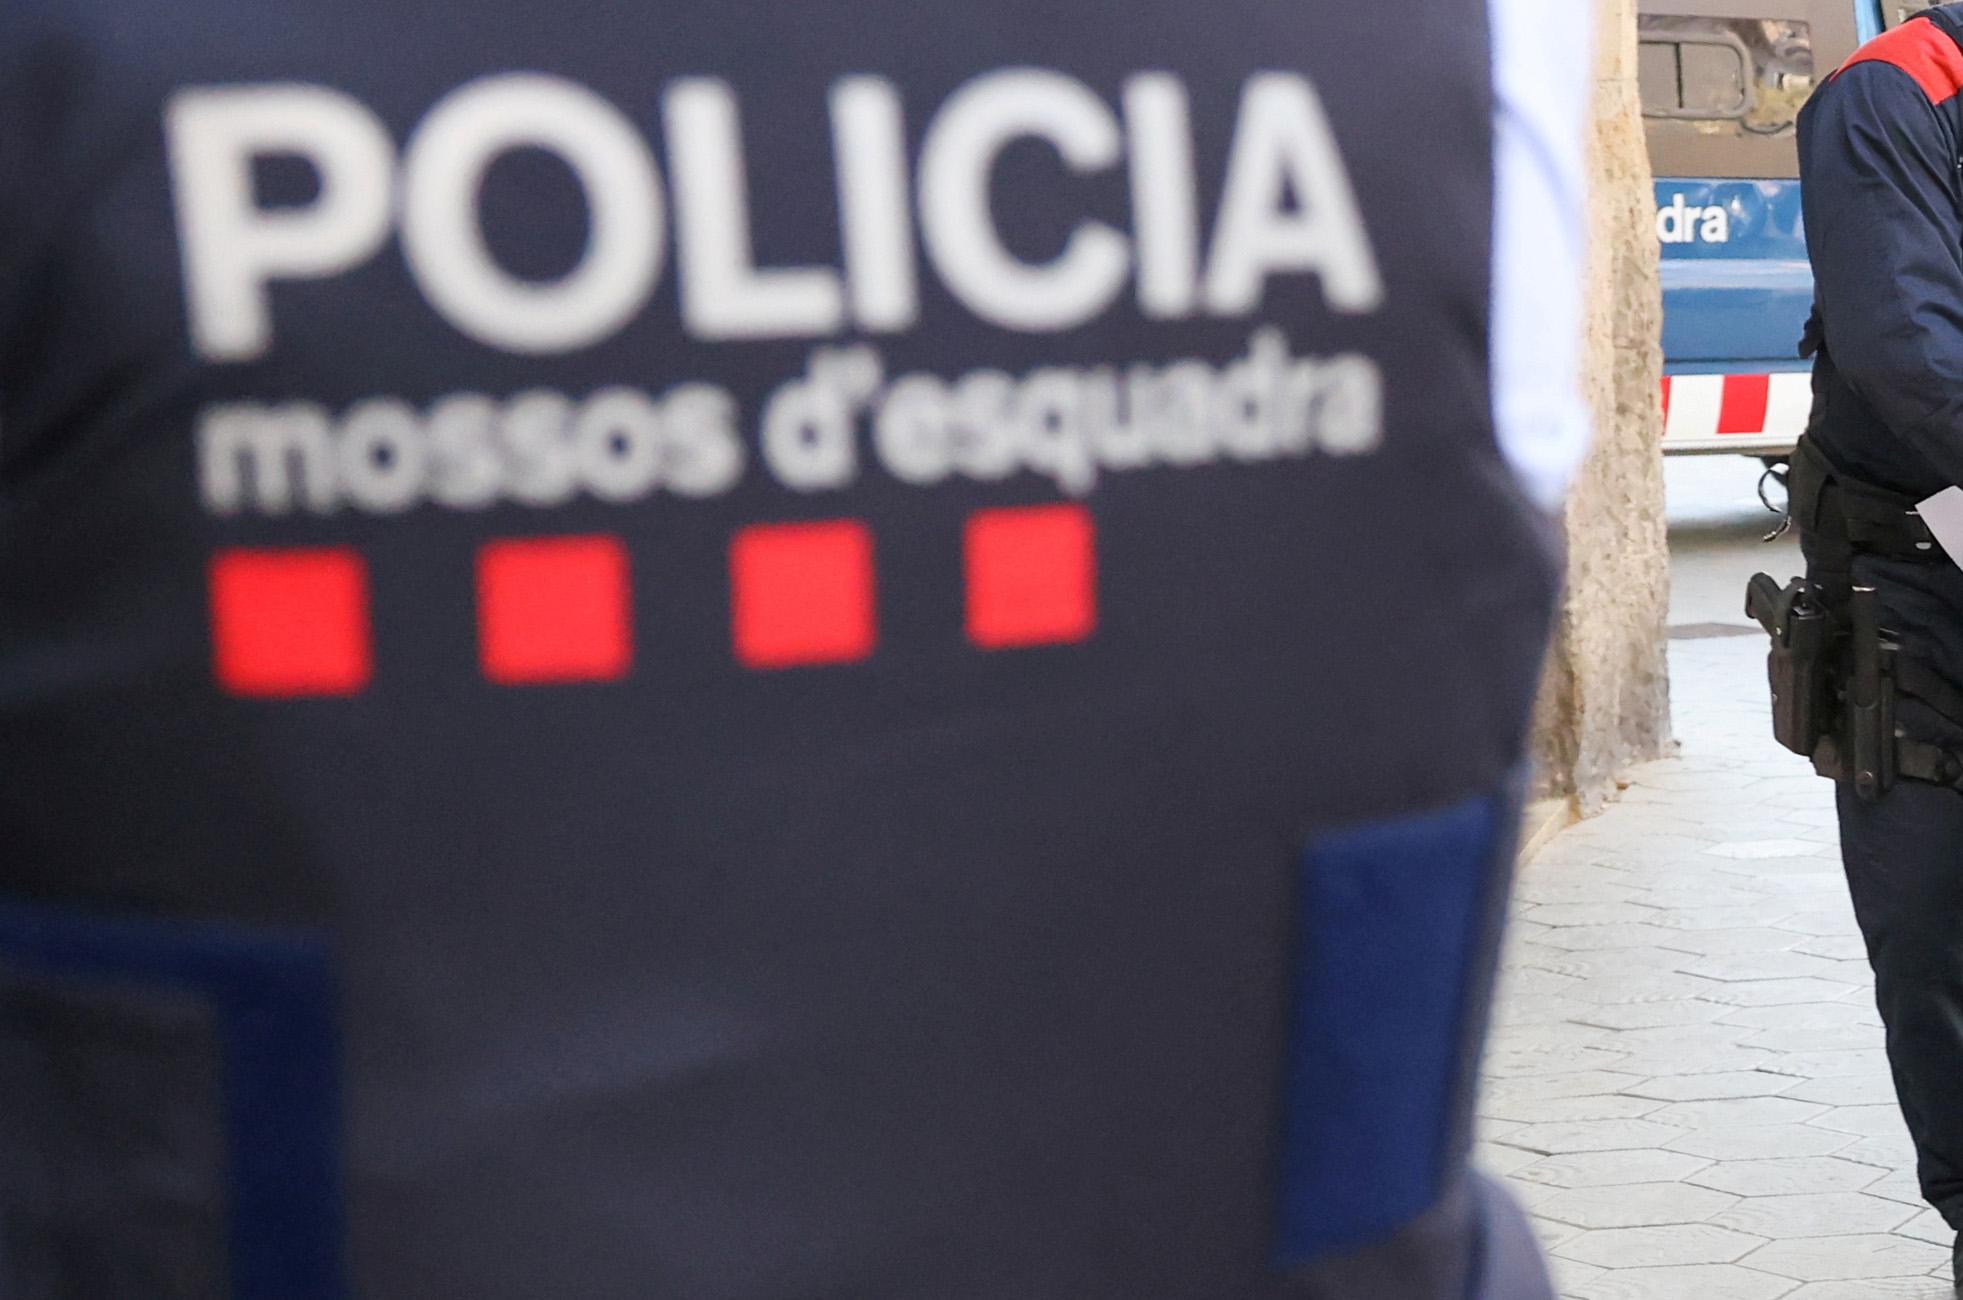 Ισπανία: «Επικίνδυνο σεξουαλικό αρπακτικό» – Σοκ με Βρετανό εκπαιδευτικό που κακοποίησε 36 παιδιά